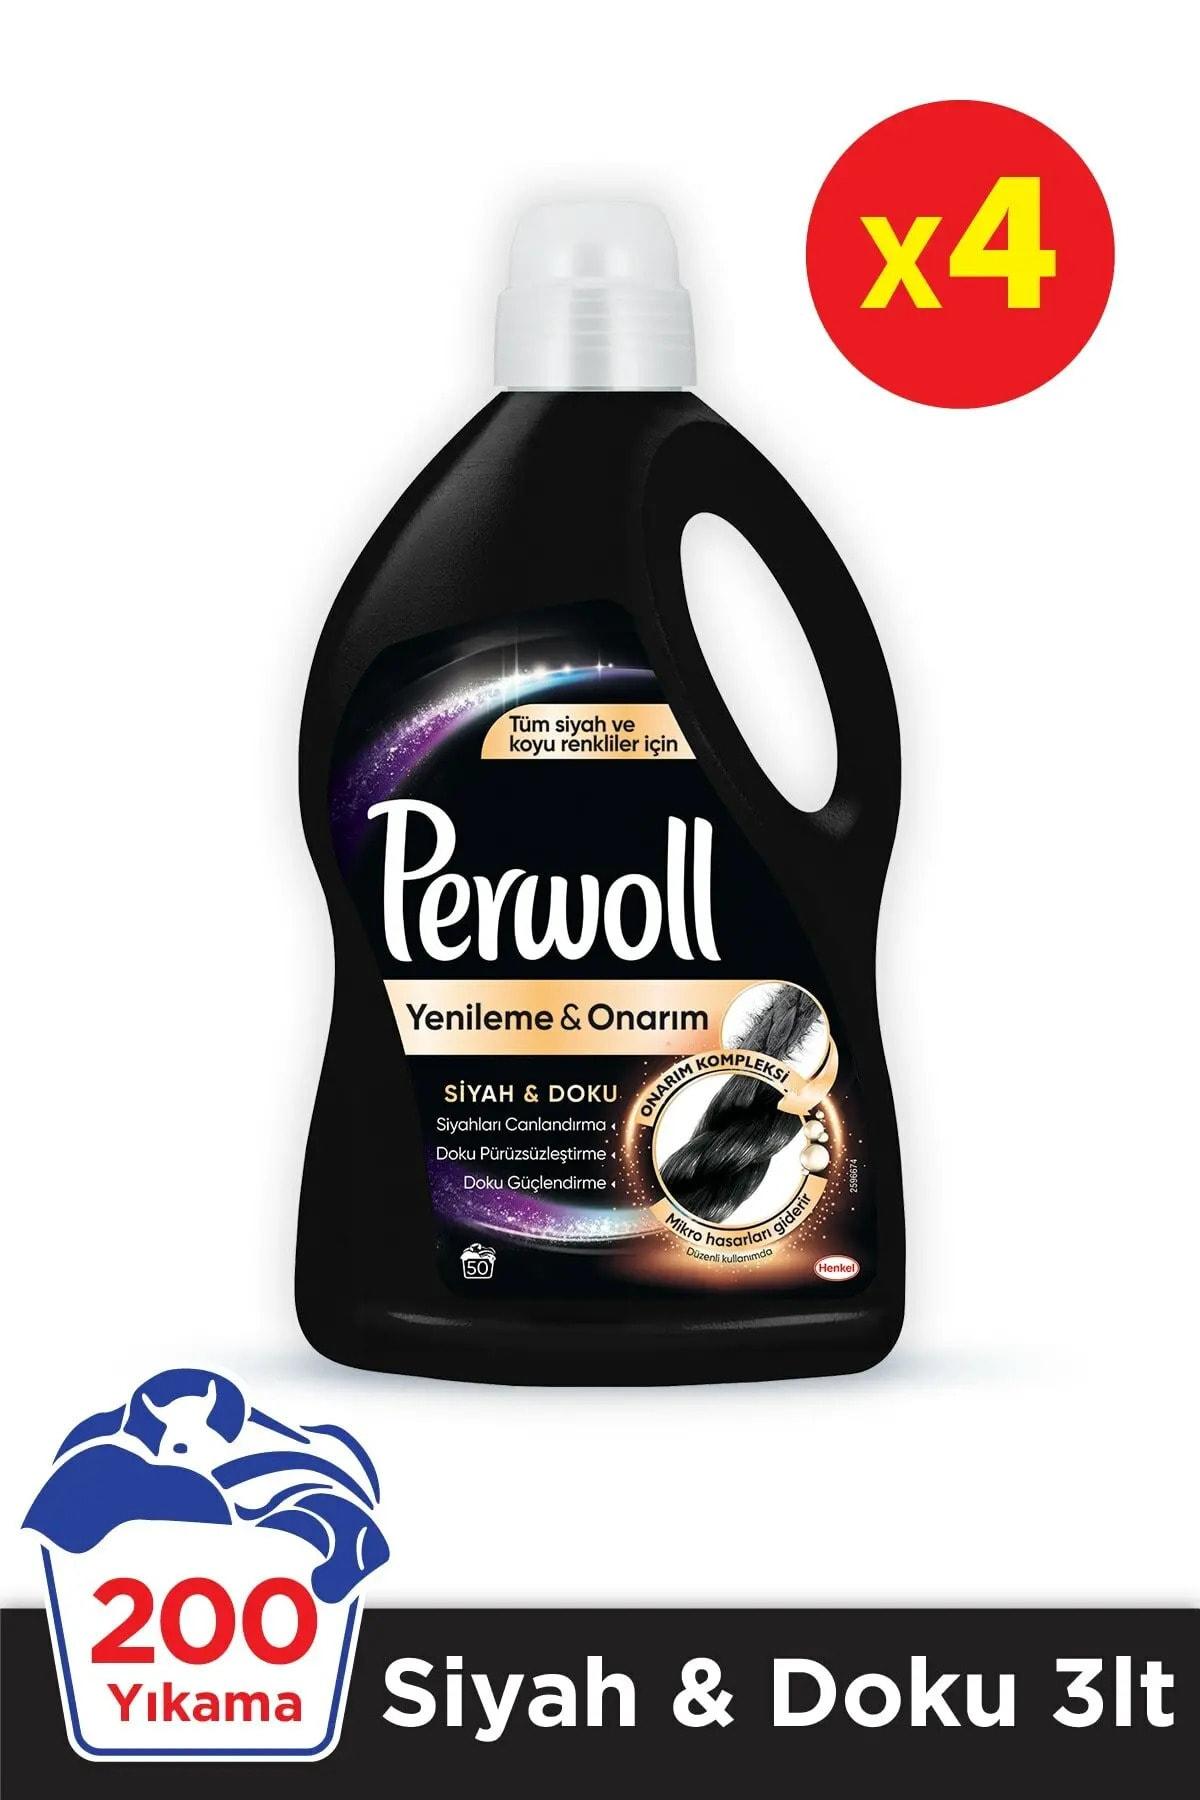 Perwoll Hassas Bakım Sıvı Çamaşır Deterjanı 4 x 3L (200 Yıkama) 4 Siyah Giysiler Doku&Koruma Yenileme&Onarım 1